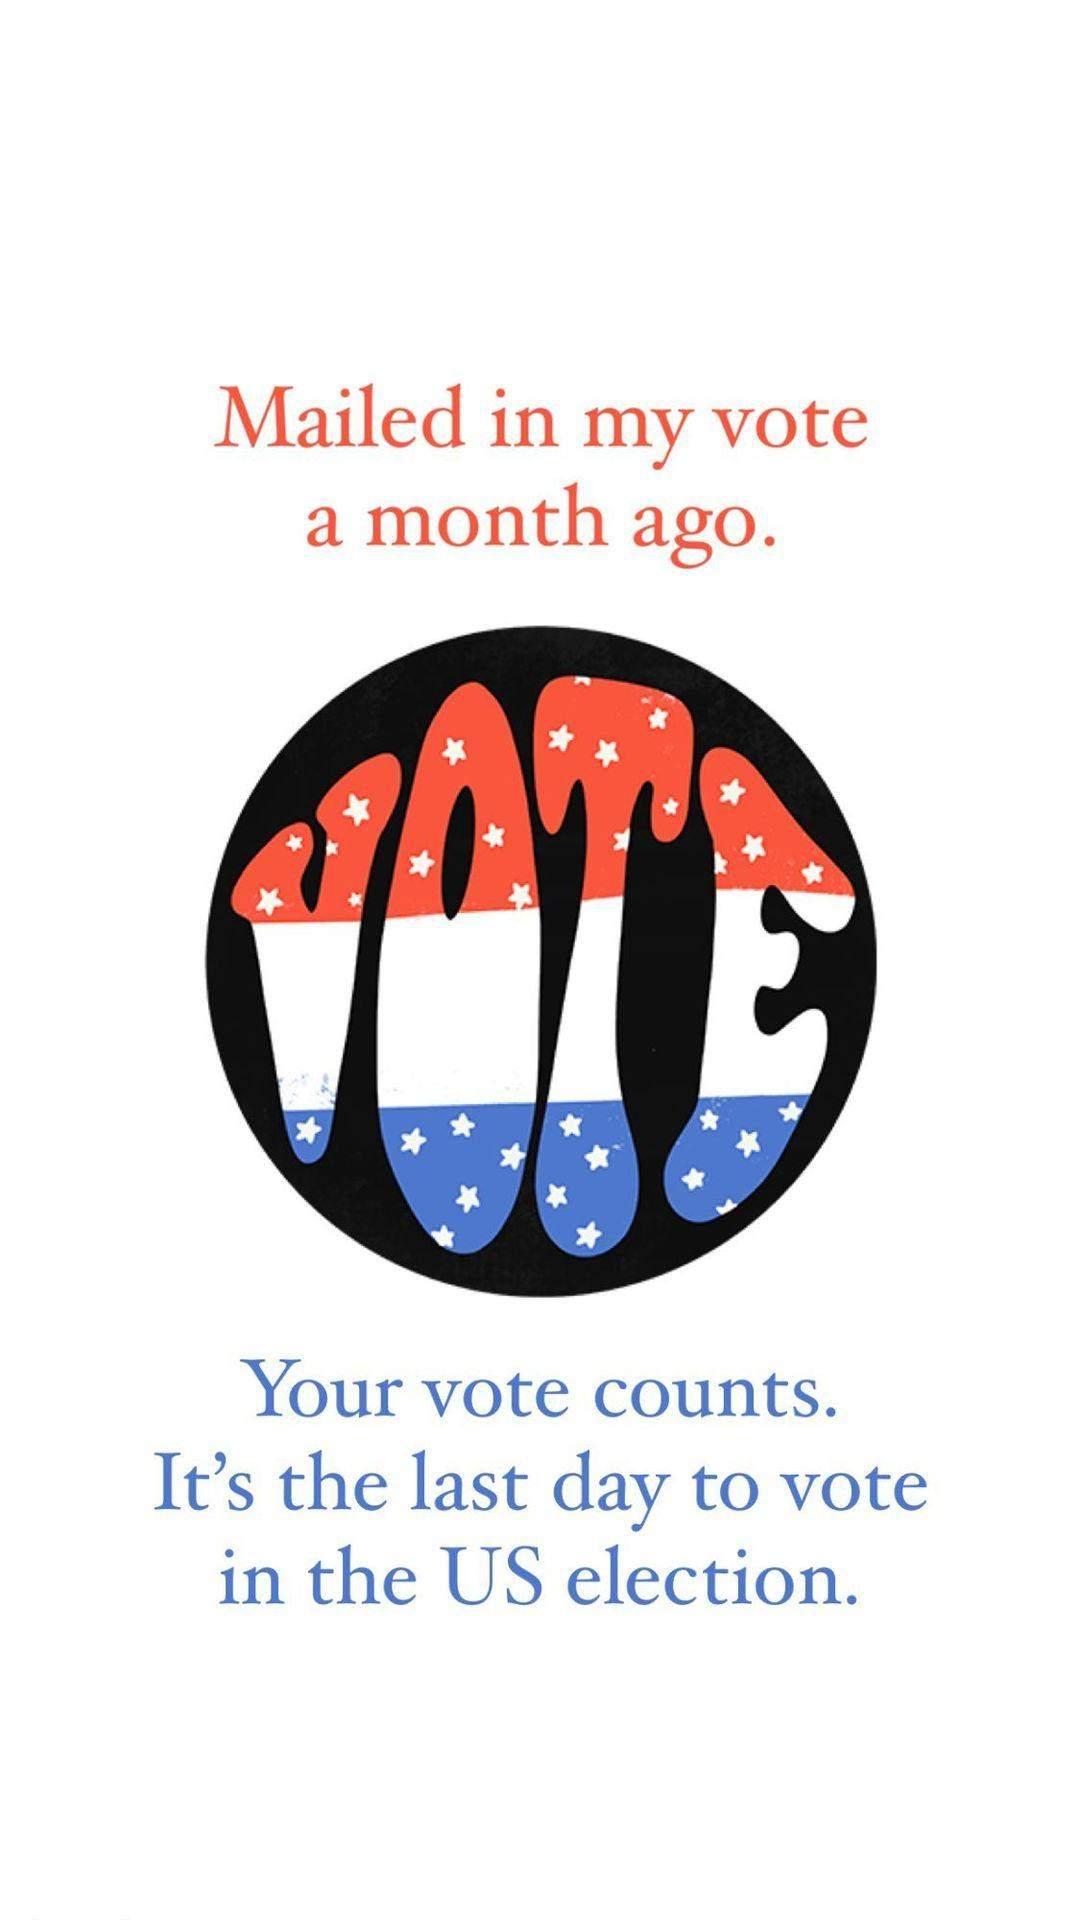 Як голосують зірки на президентських виборах в США